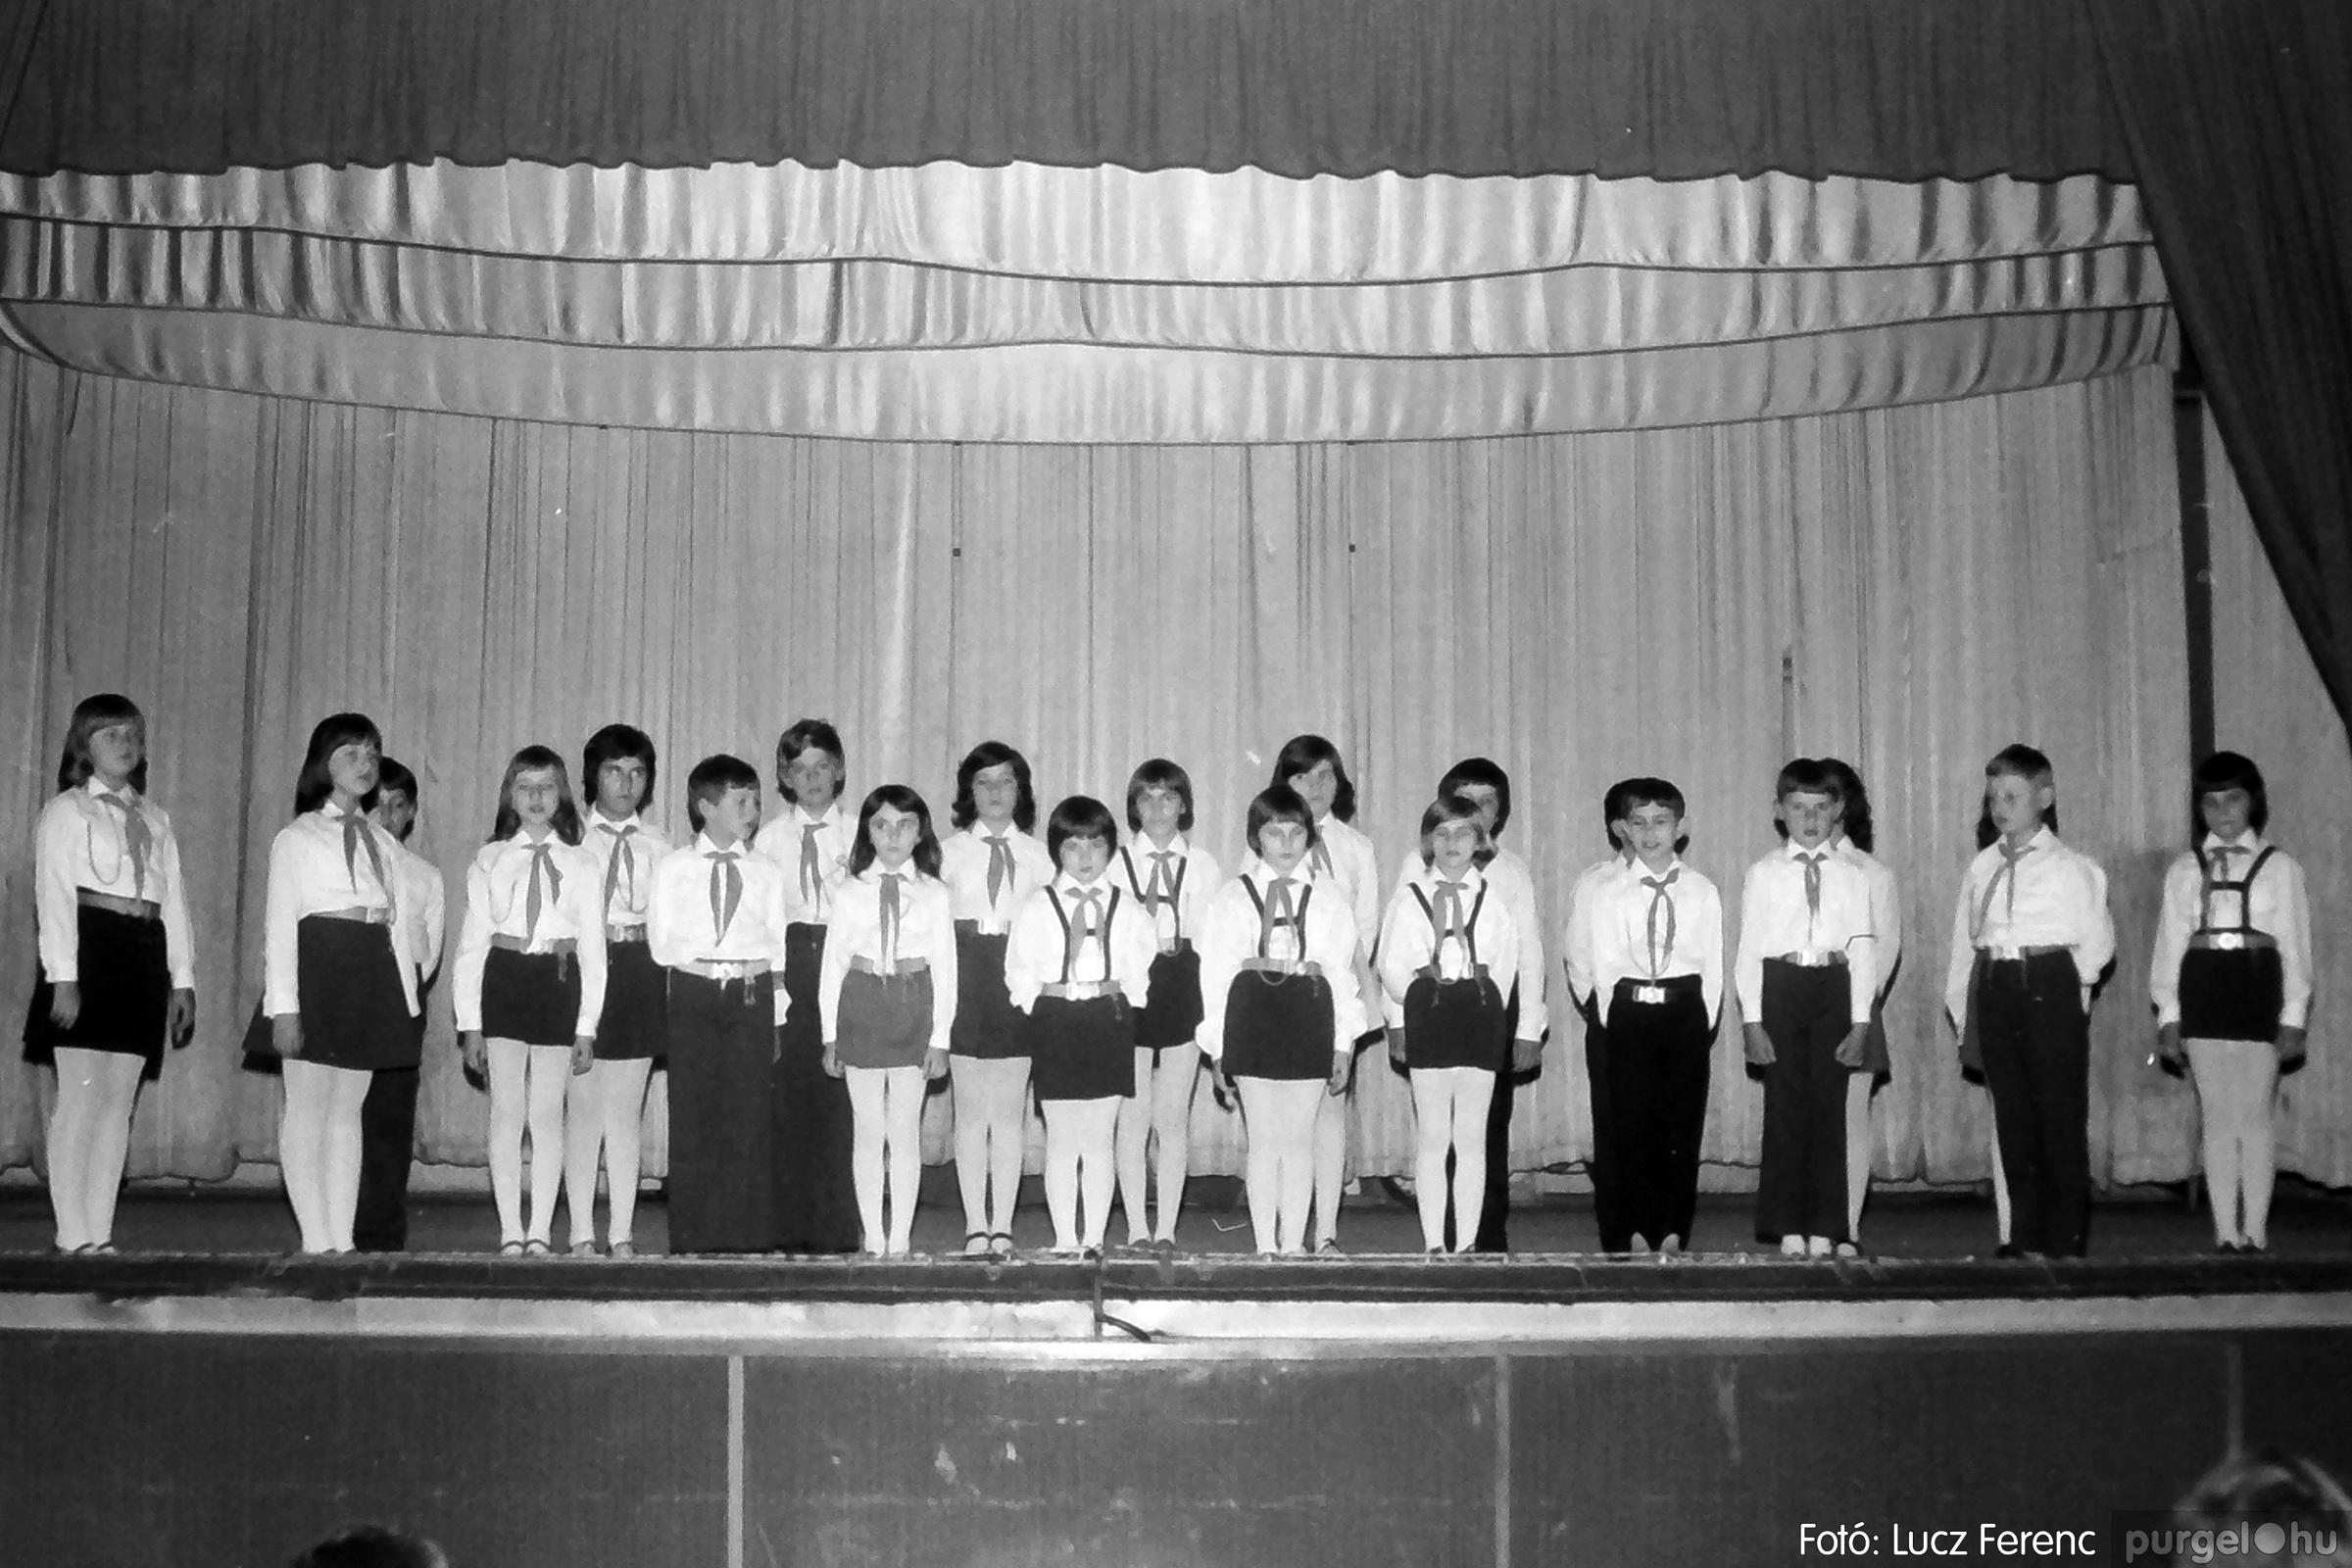 076. 1977. Iskolások fellépése a kultúrházban 010. - Fotó: Lucz Ferenc.jpg